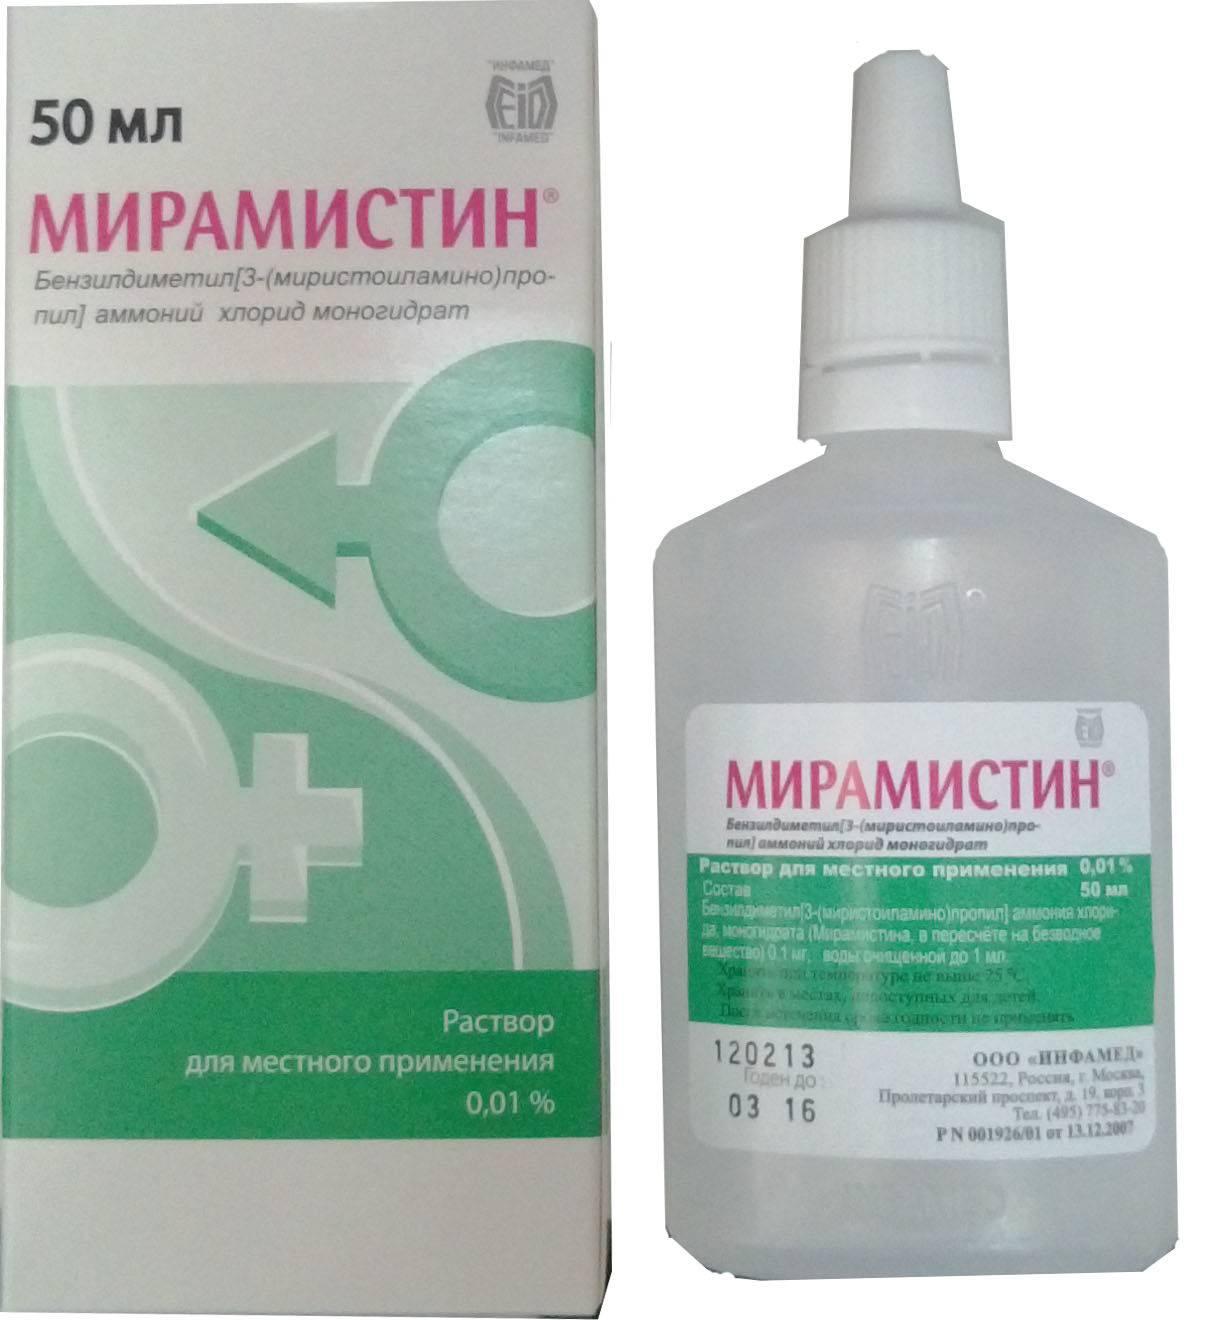 Мирамистин при беременности. инструкция по применению в горло 1-2-3 триместр